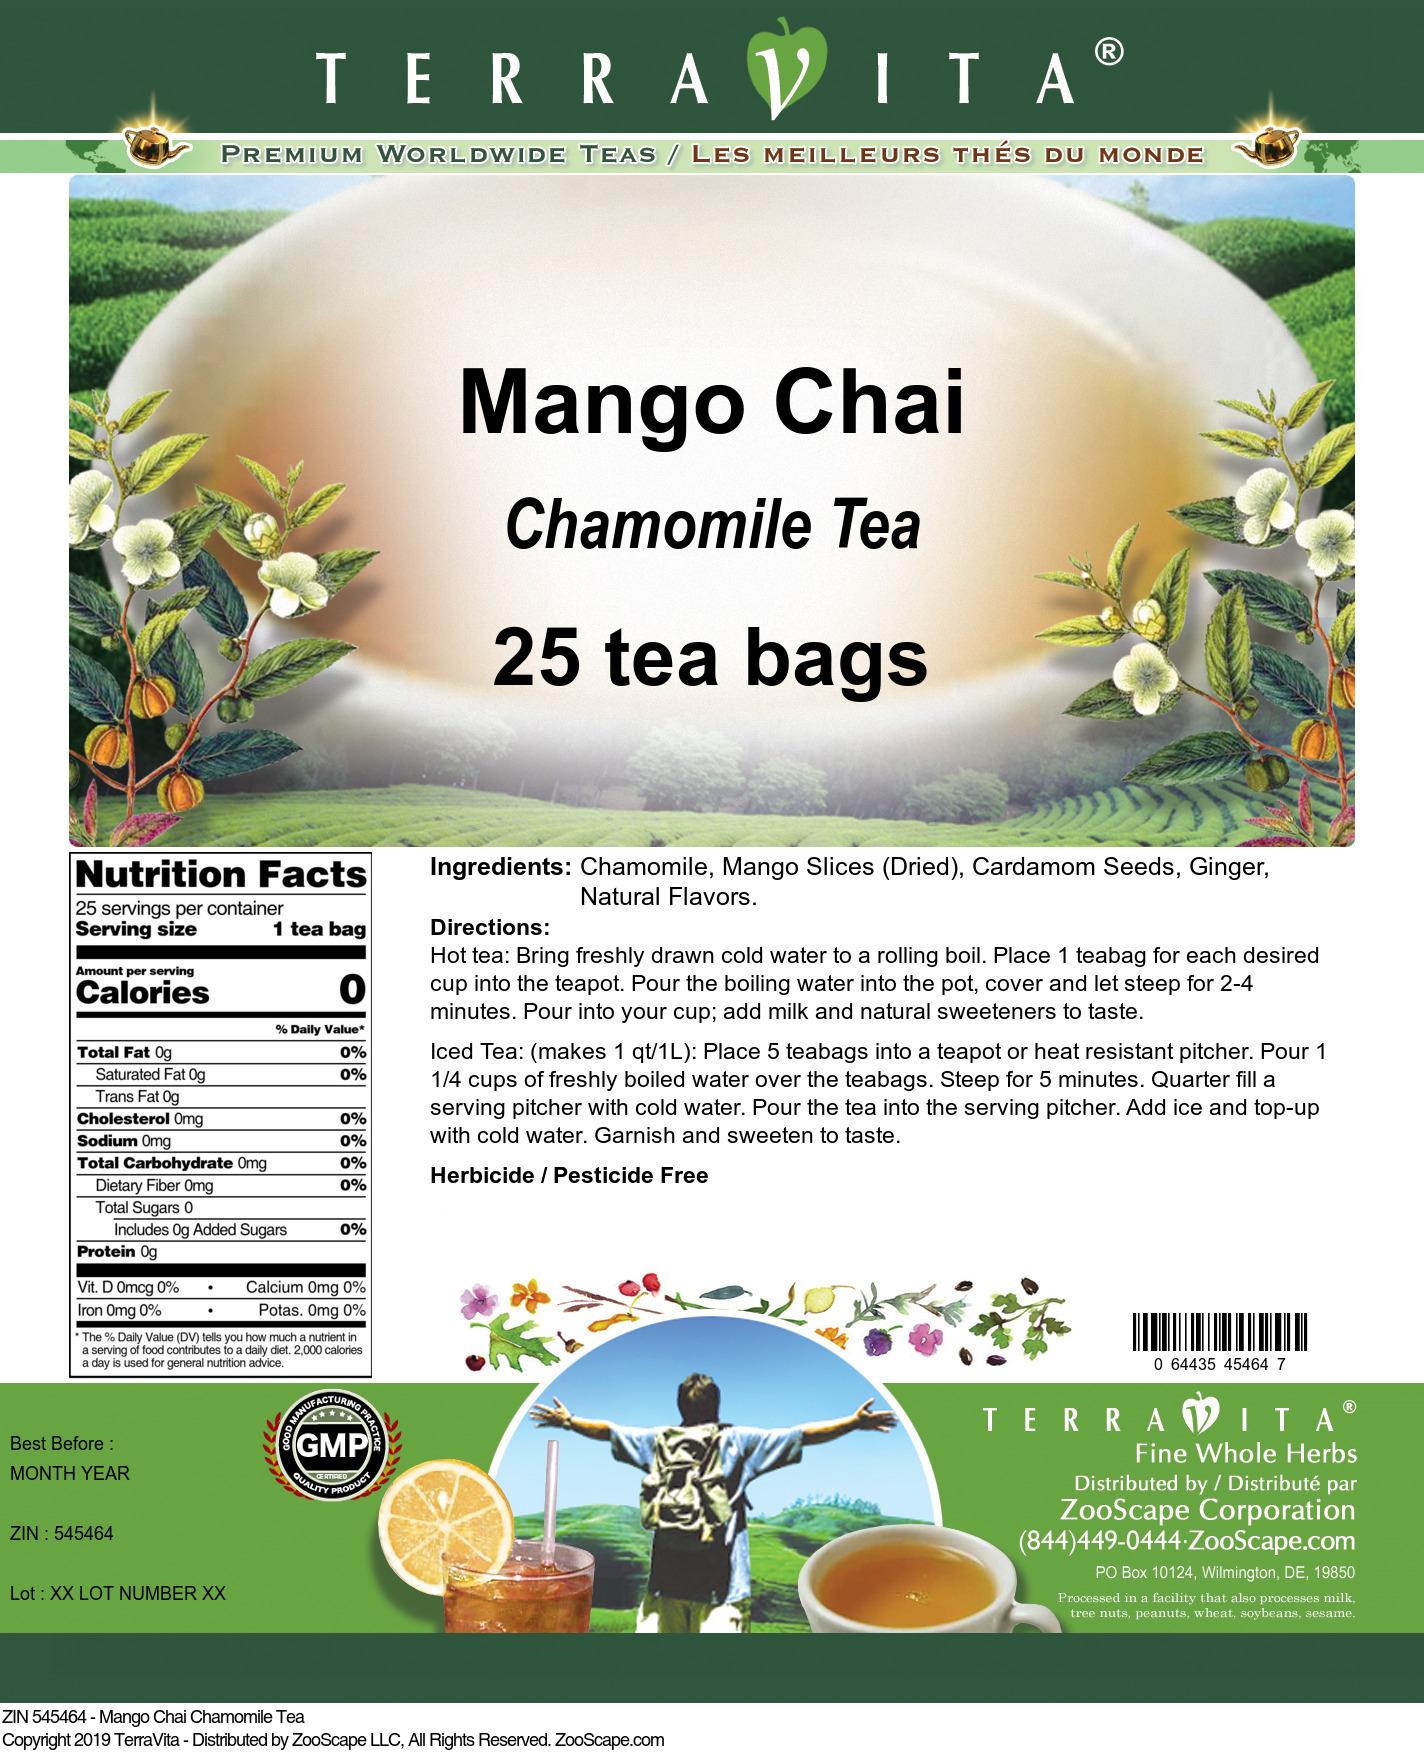 Mango Chai Chamomile Tea